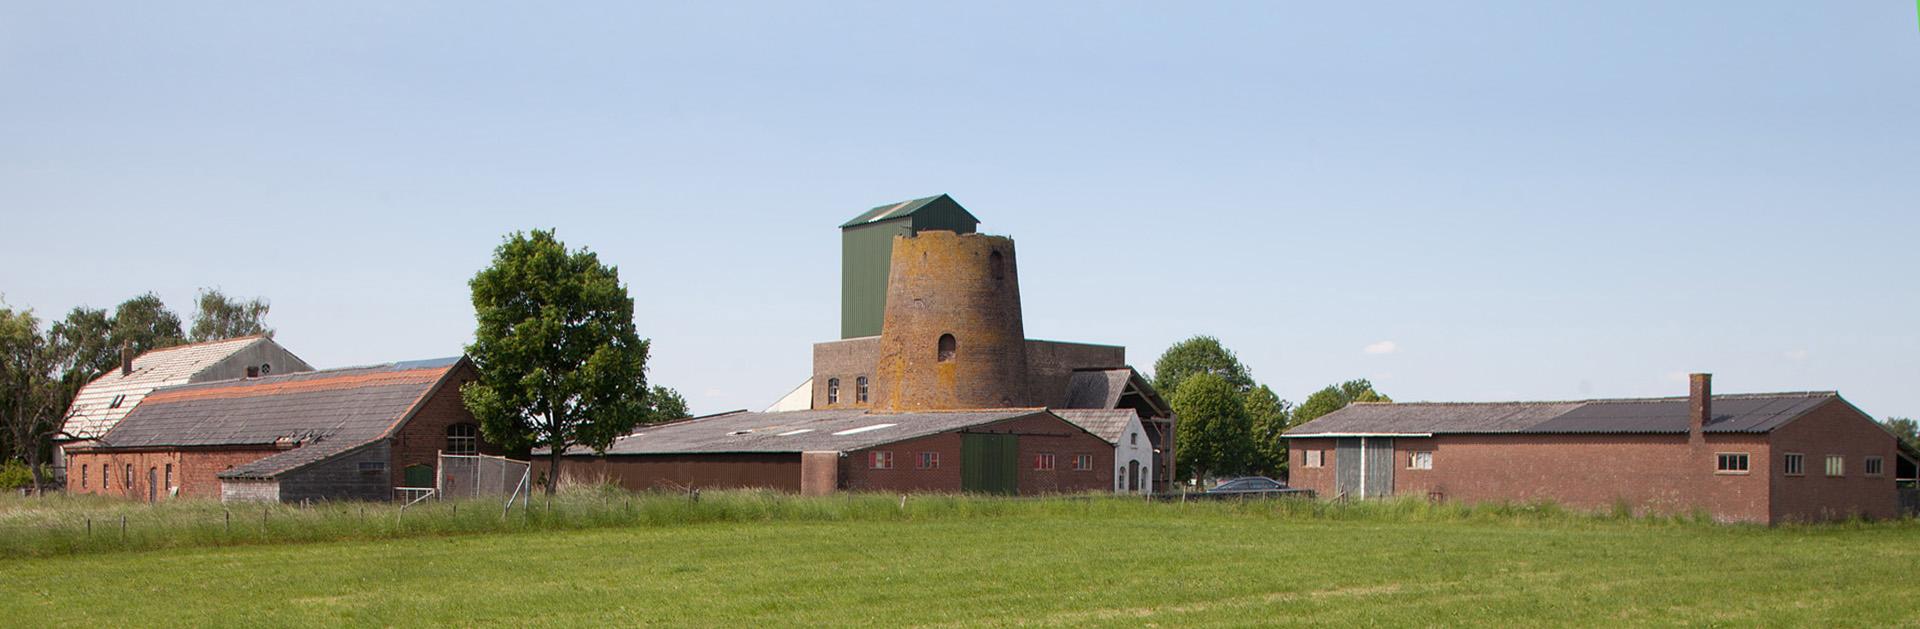 De molen van Berntsen - Loerbeek